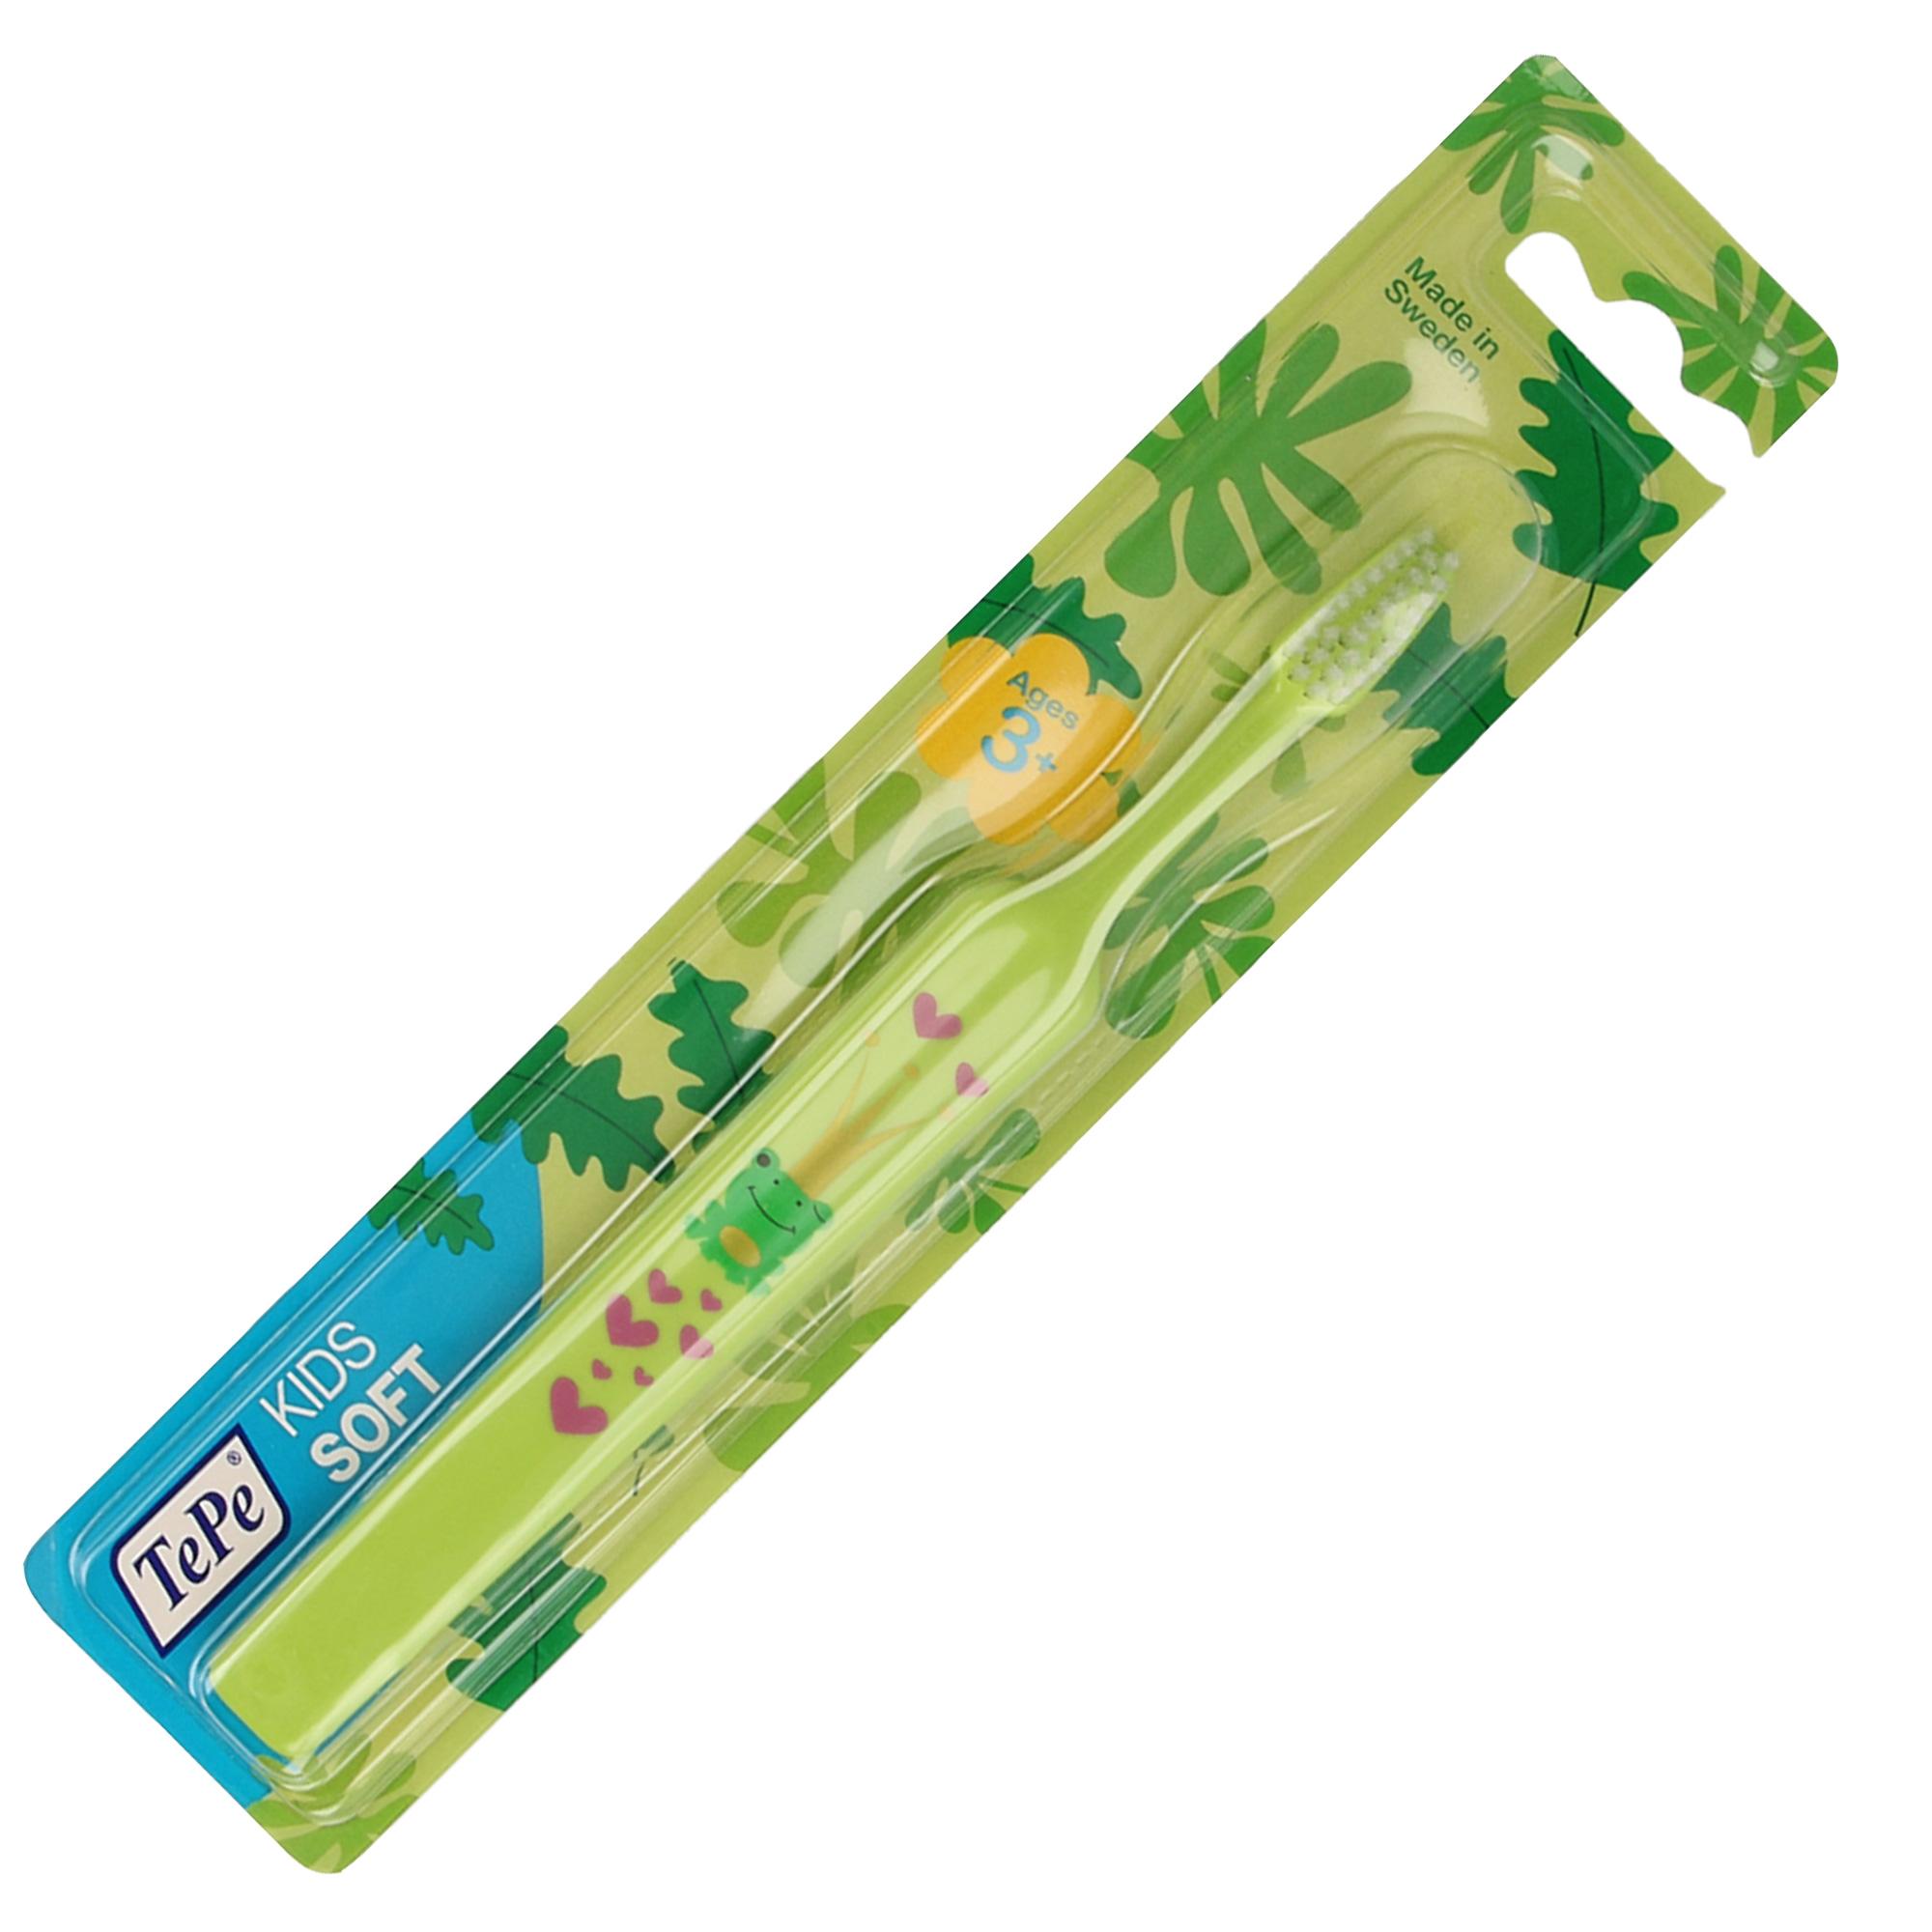 Bàn chải đánh răng siêu mềm cho trẻ từ 3+ Tepe Kid Extra Soft nhiều màu - 962761 , 6503075883294 , 62_2254537 , 66000 , Ban-chai-danh-rang-sieu-mem-cho-tre-tu-3-Tepe-Kid-Extra-Soft-nhieu-mau-62_2254537 , tiki.vn , Bàn chải đánh răng siêu mềm cho trẻ từ 3+ Tepe Kid Extra Soft nhiều màu